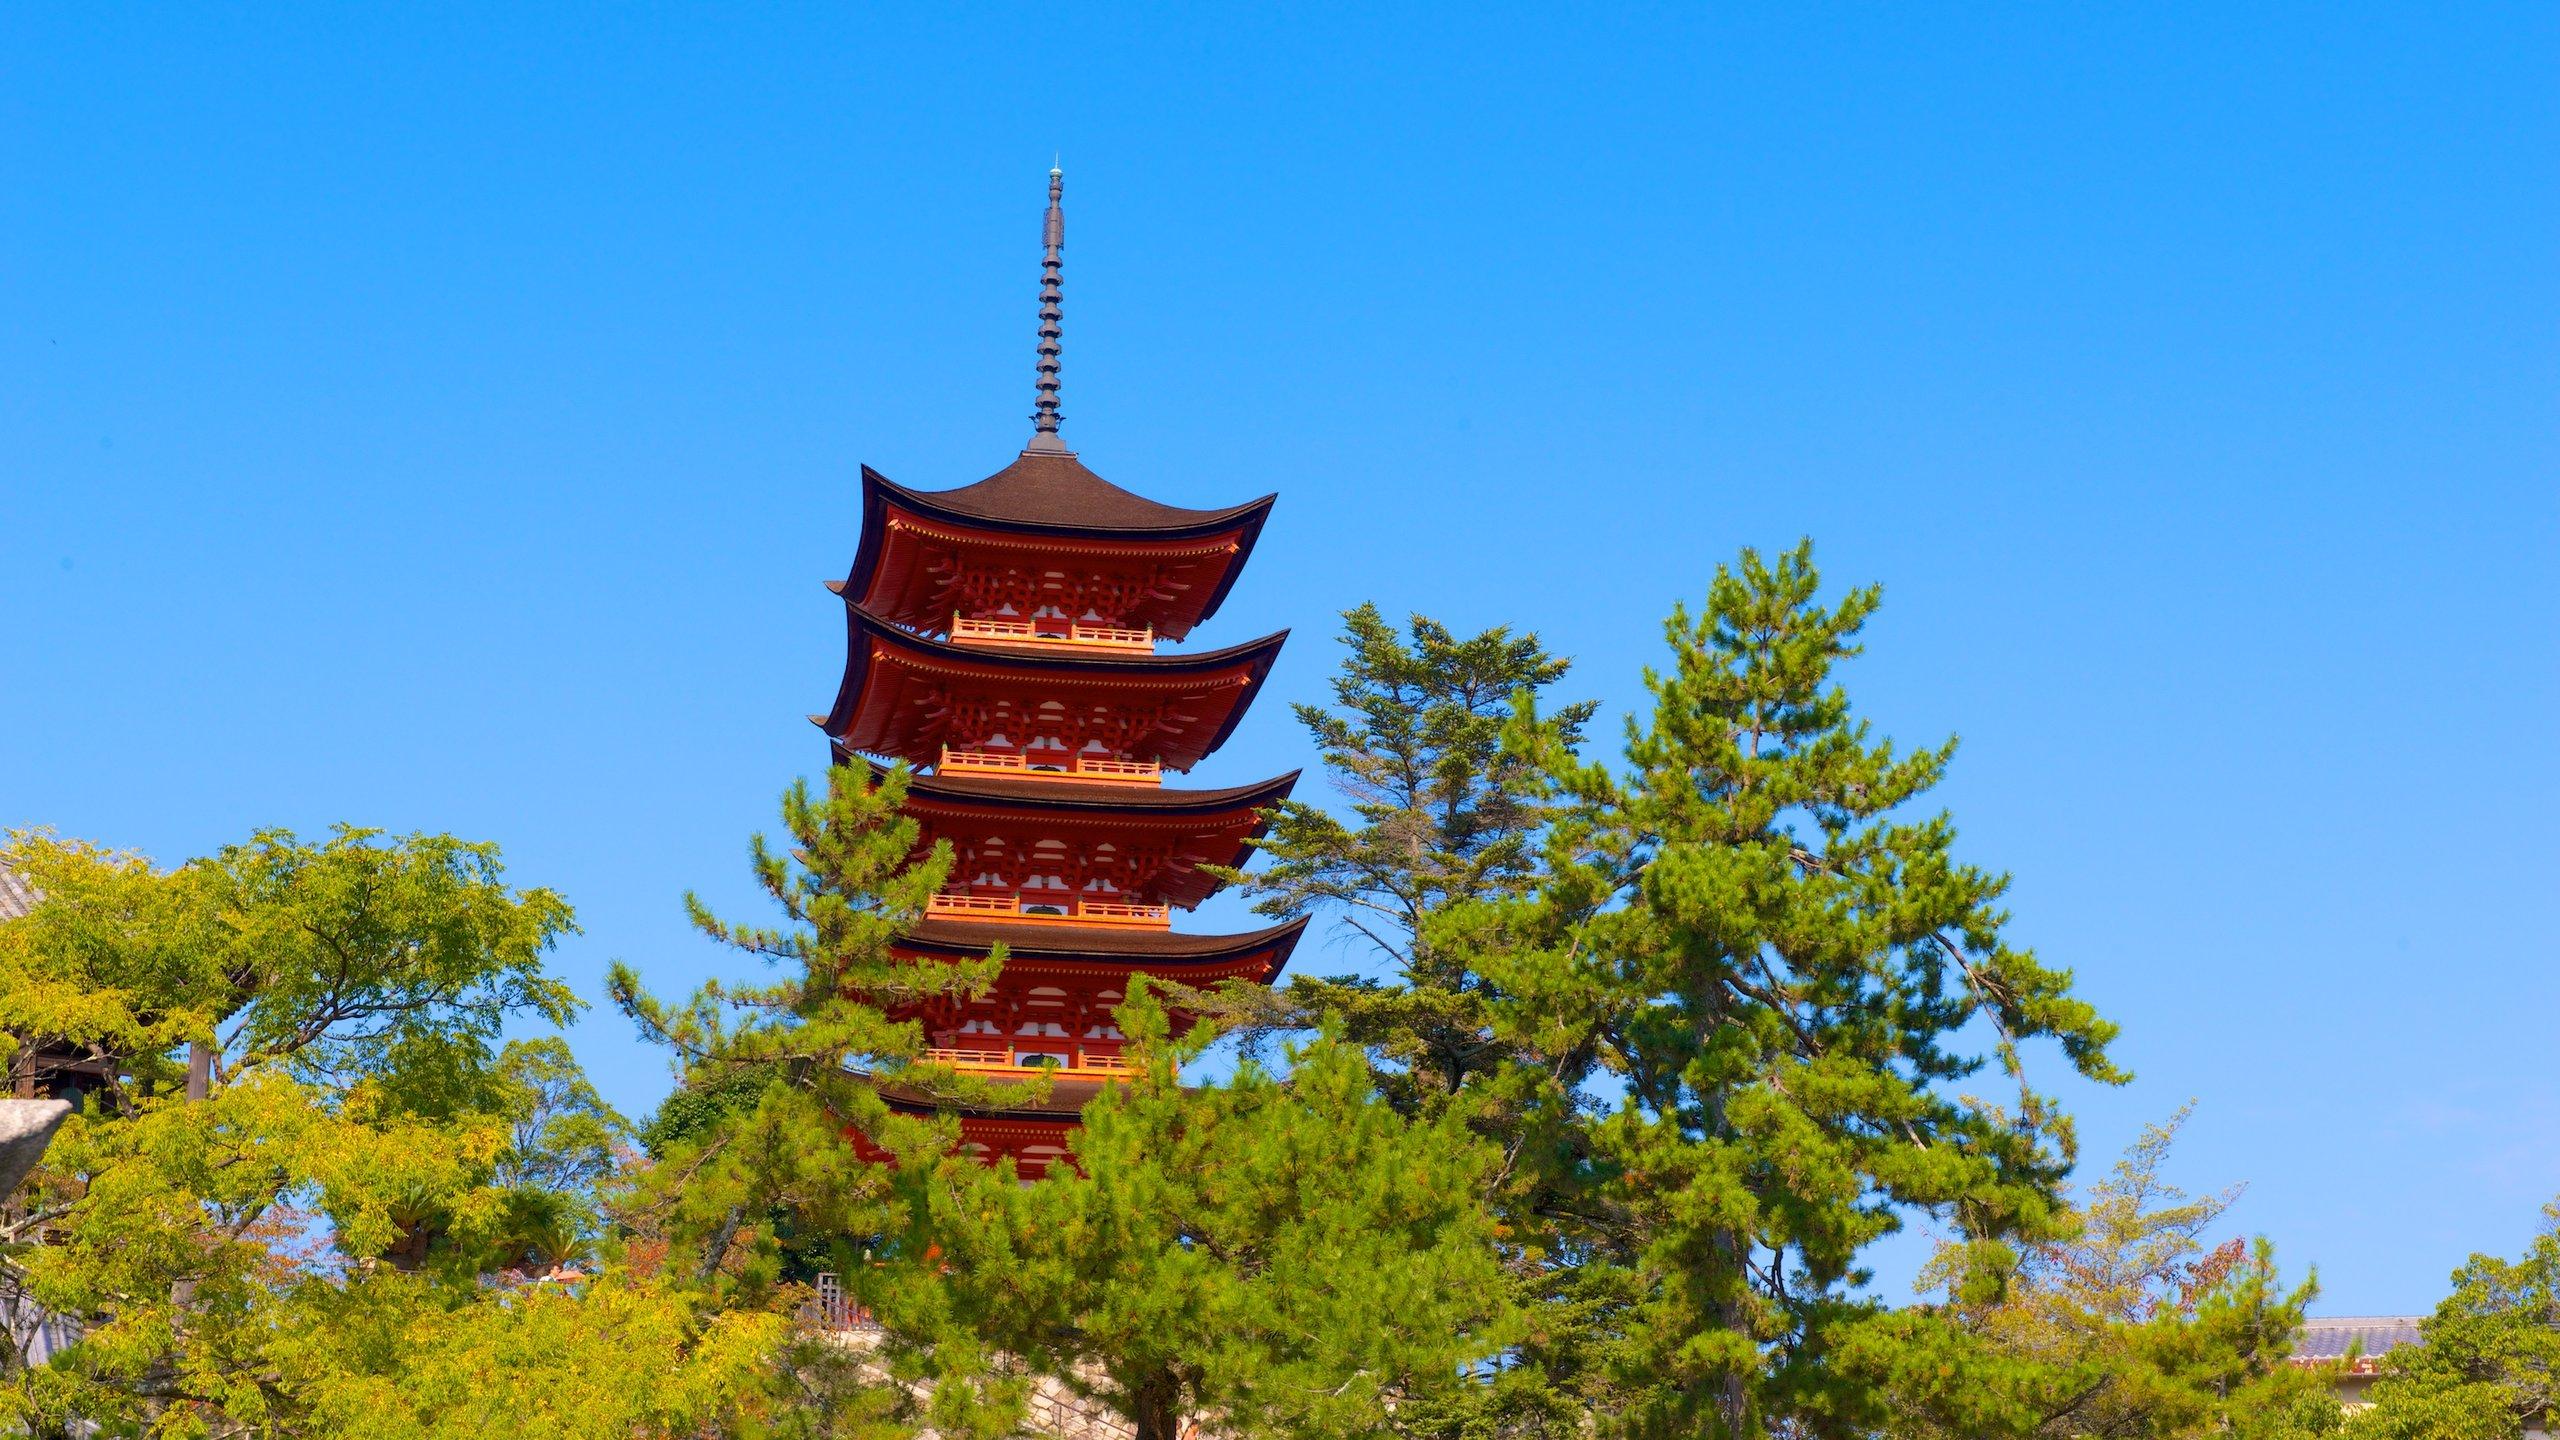 Itsukushima, Hatsukaichi, Präfektur Hiroshima, Japan